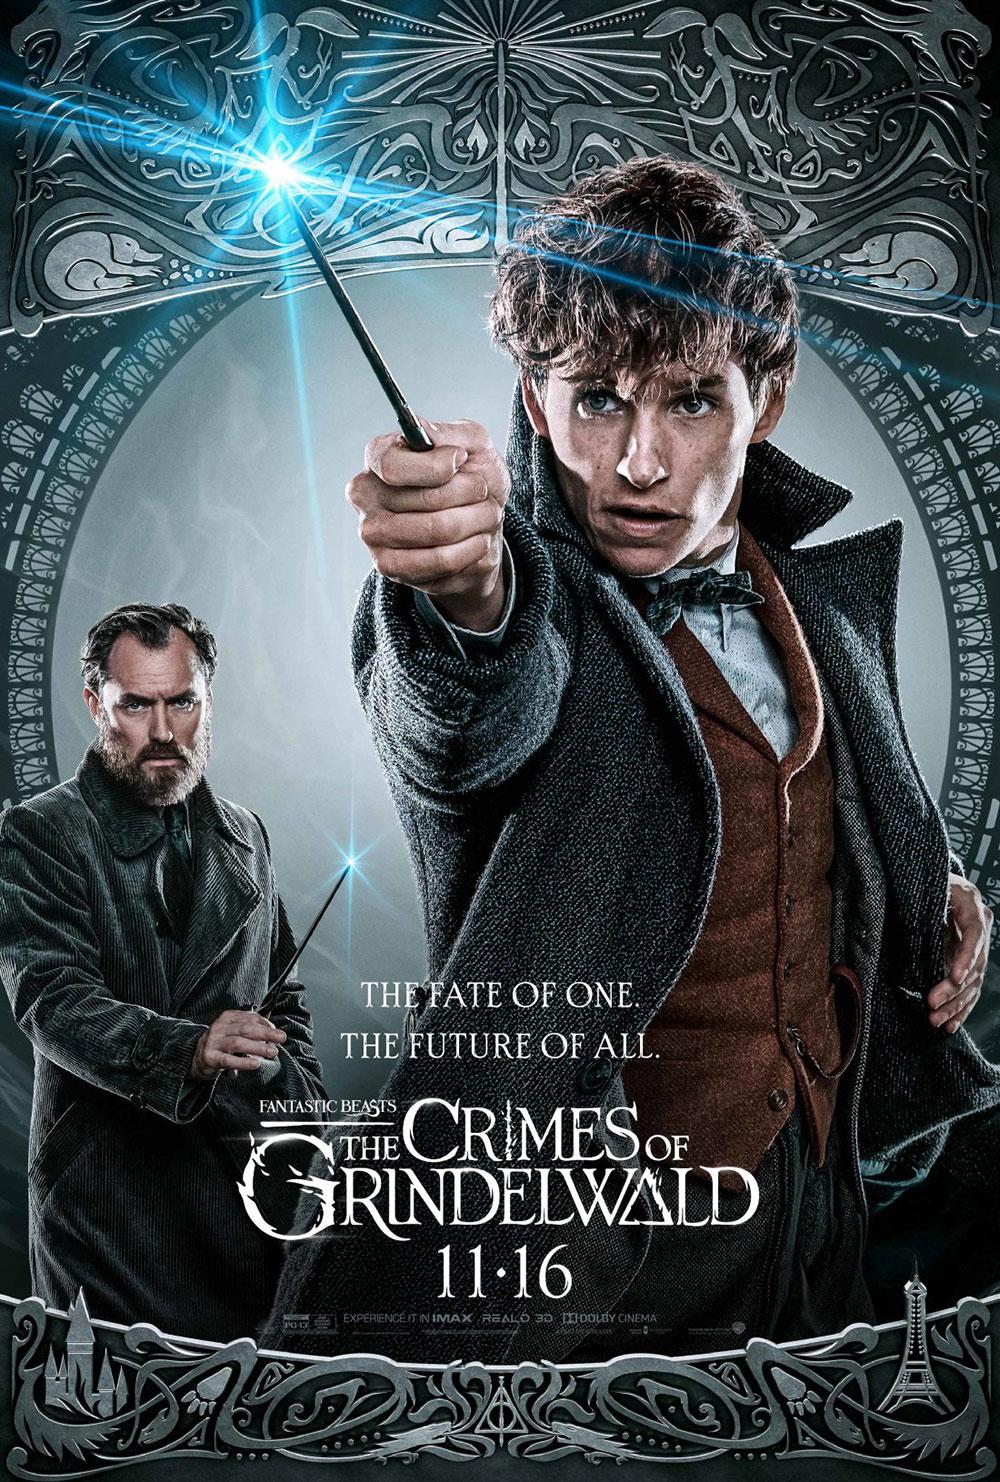 Les Crimes De Grindelwald Streaming : crimes, grindelwald, streaming, Fantastic, Beasts:, Crimes, Grindelwald, MuggleNet